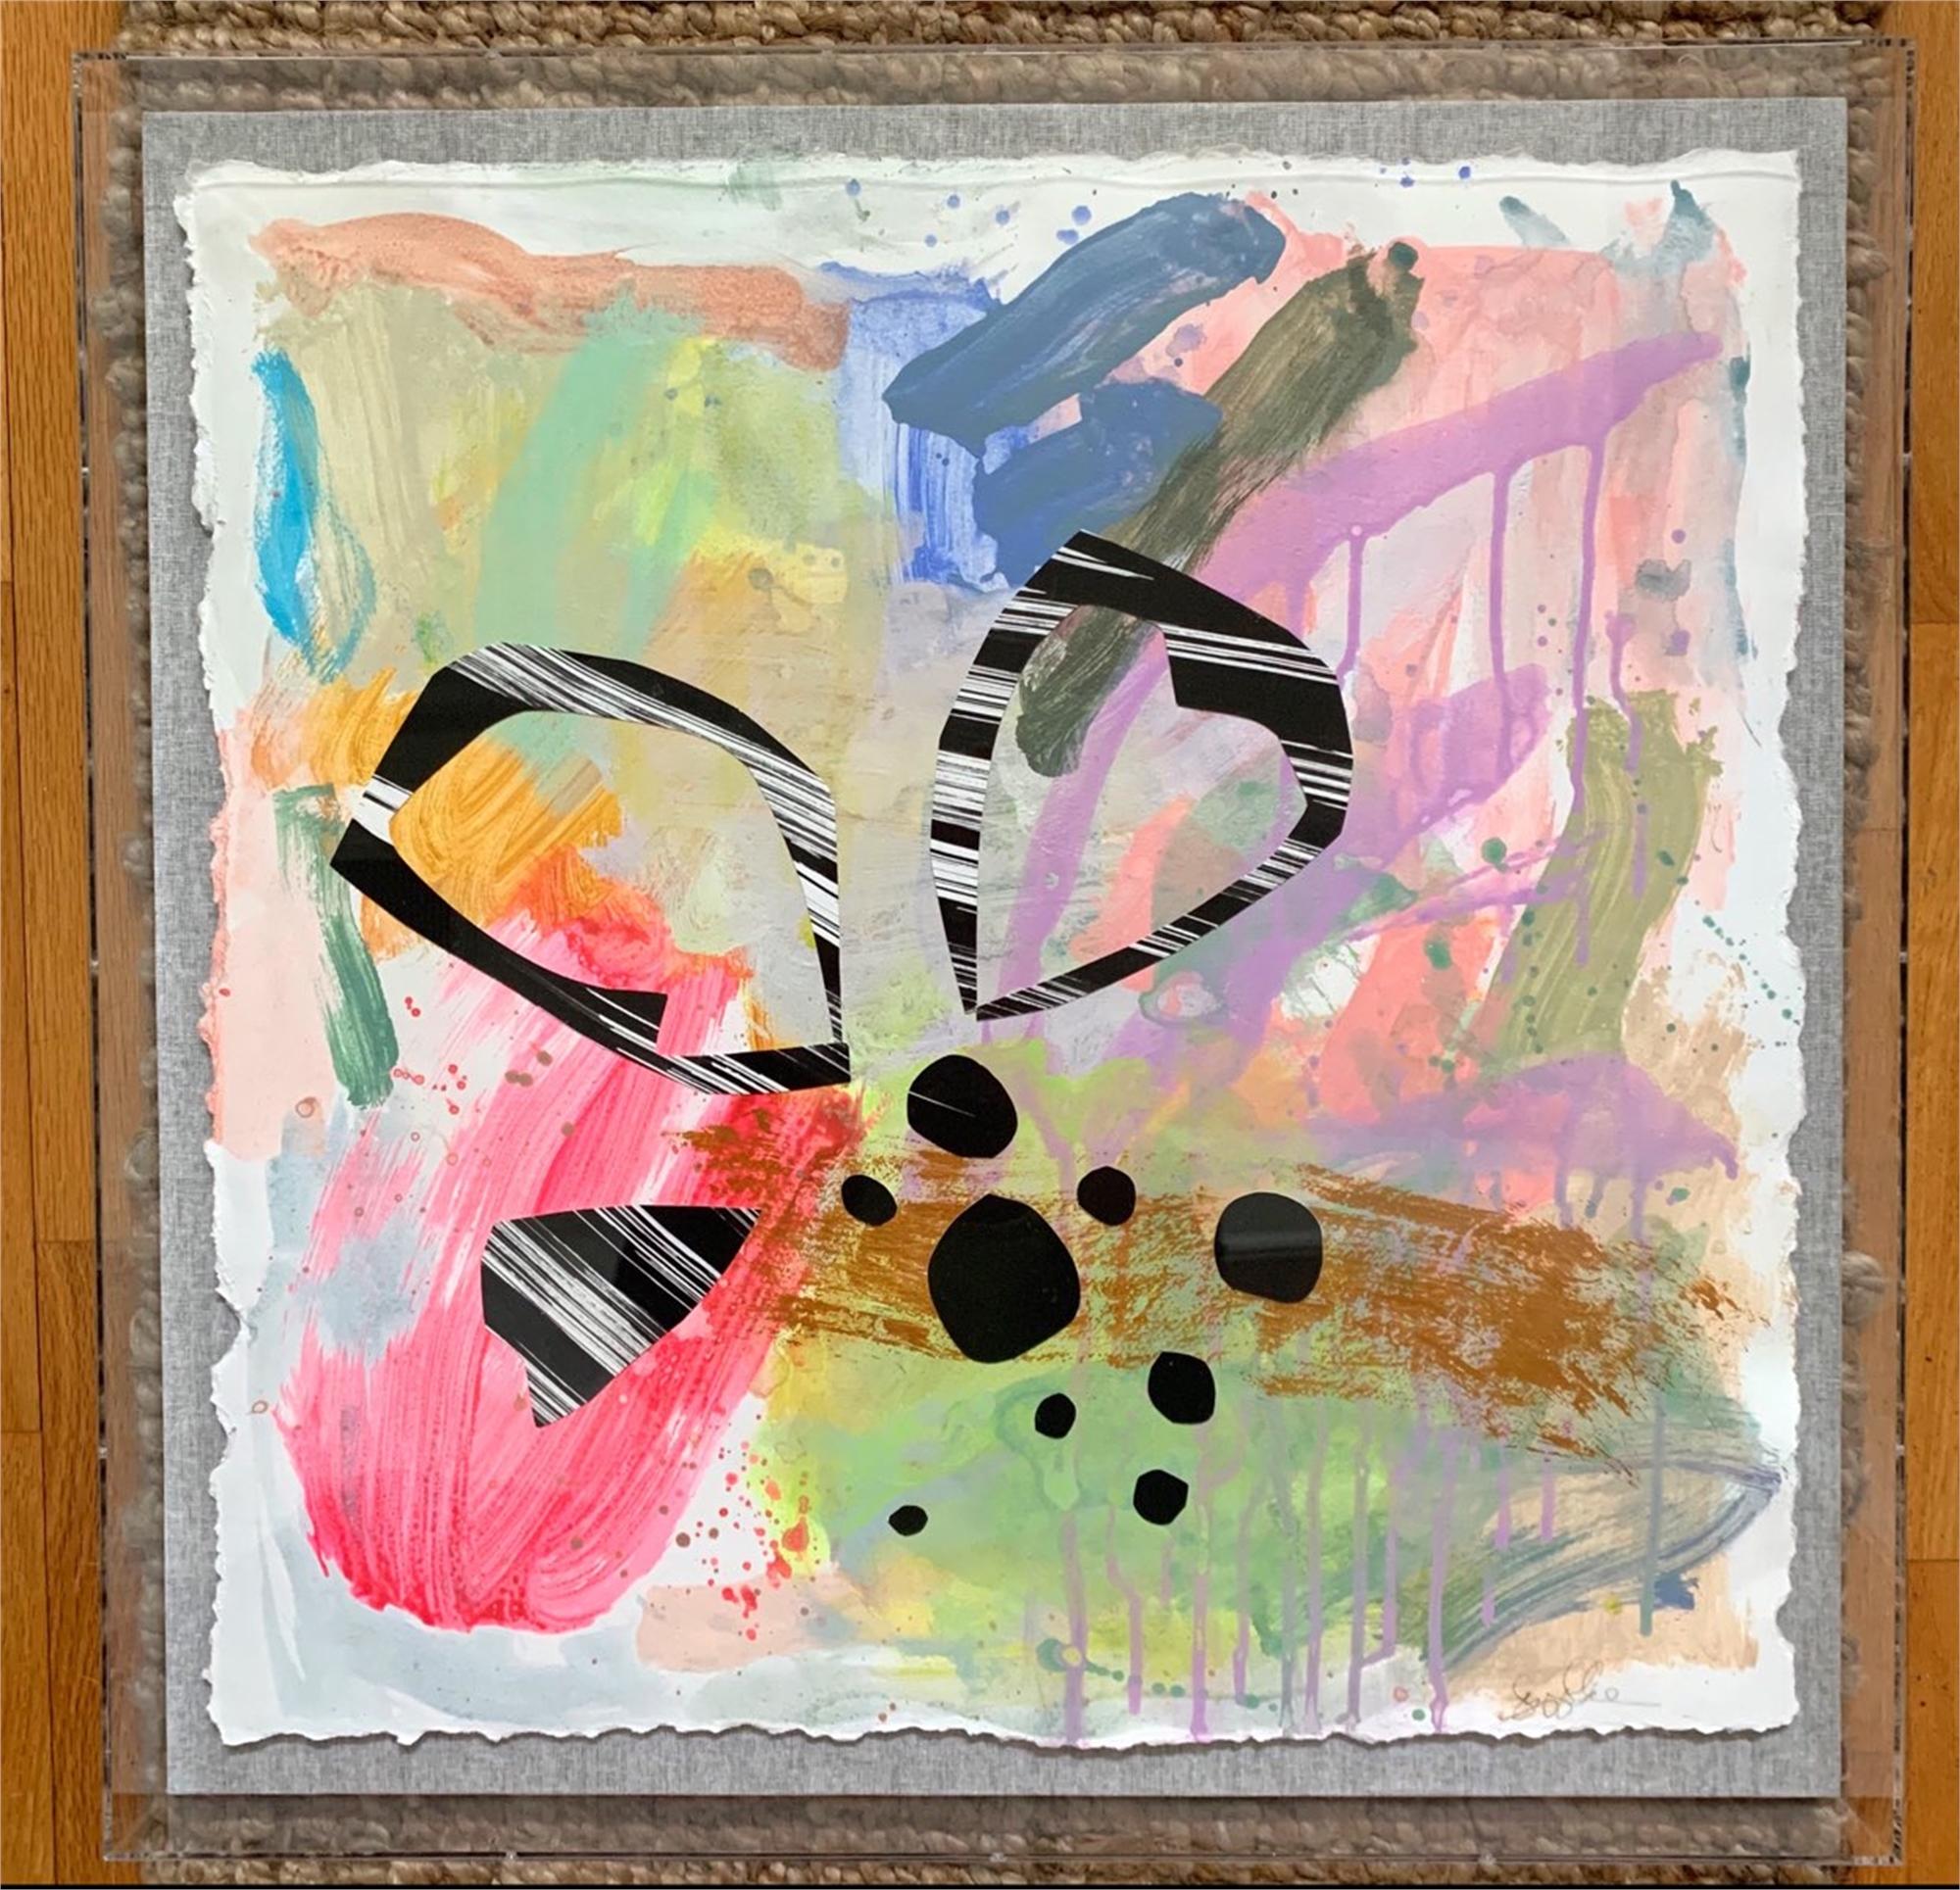 Cosmos by Suzy Lindow